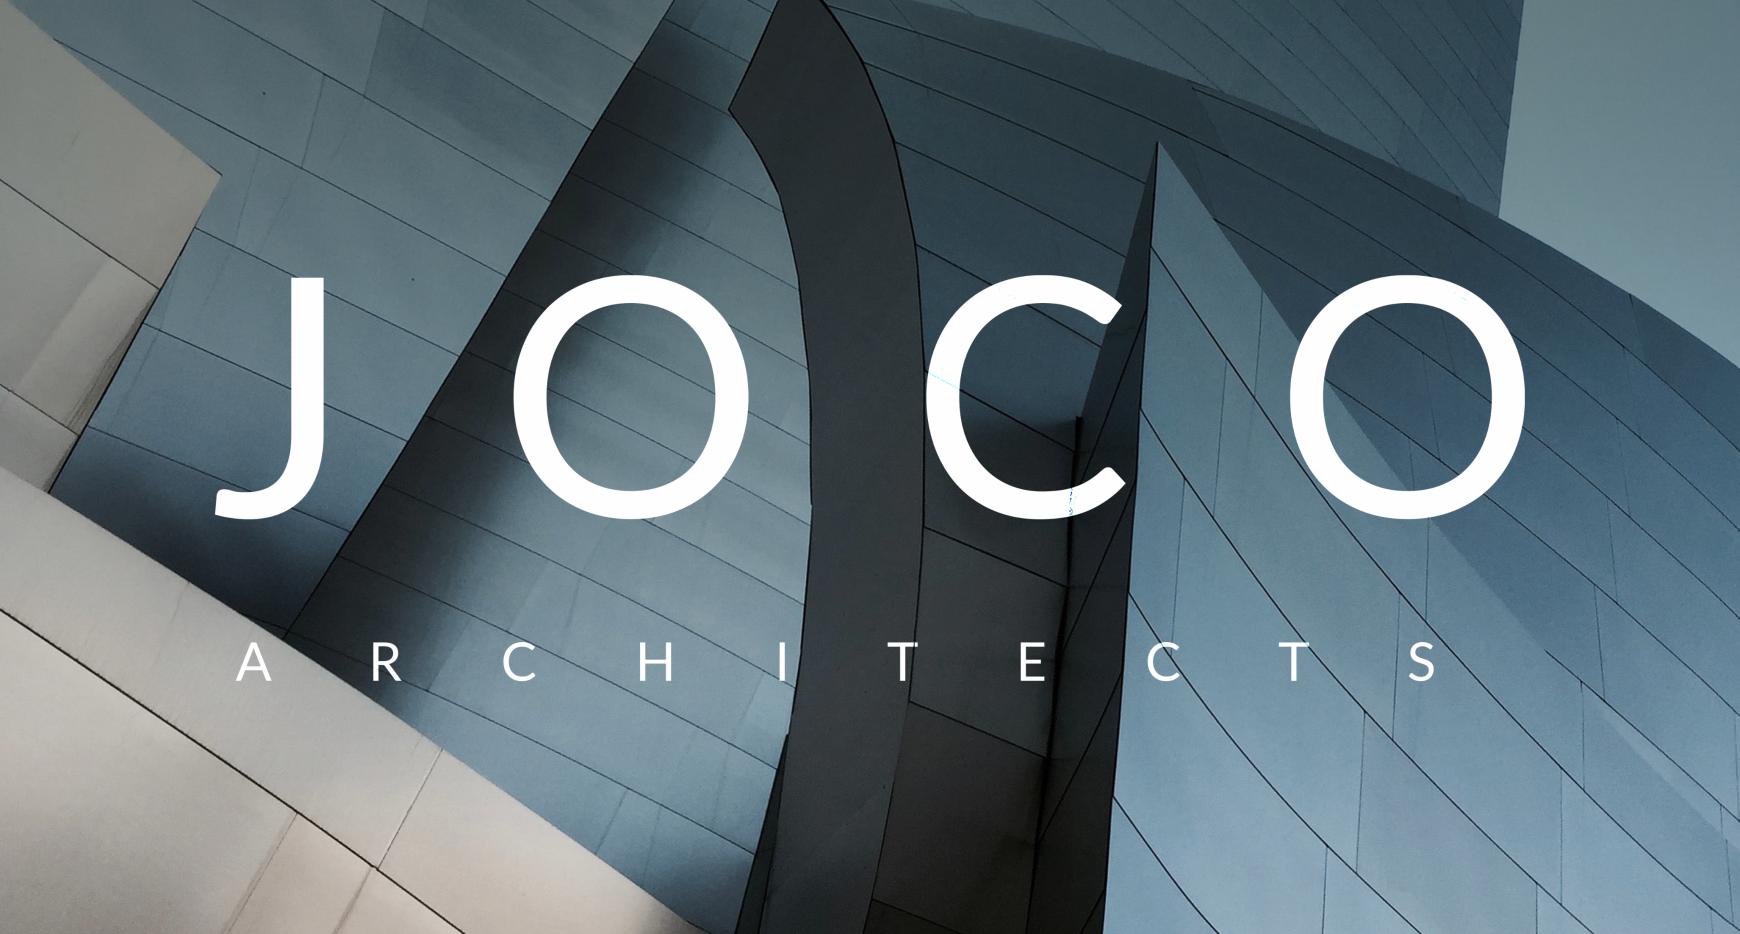 a fresh visual identity for JOCO